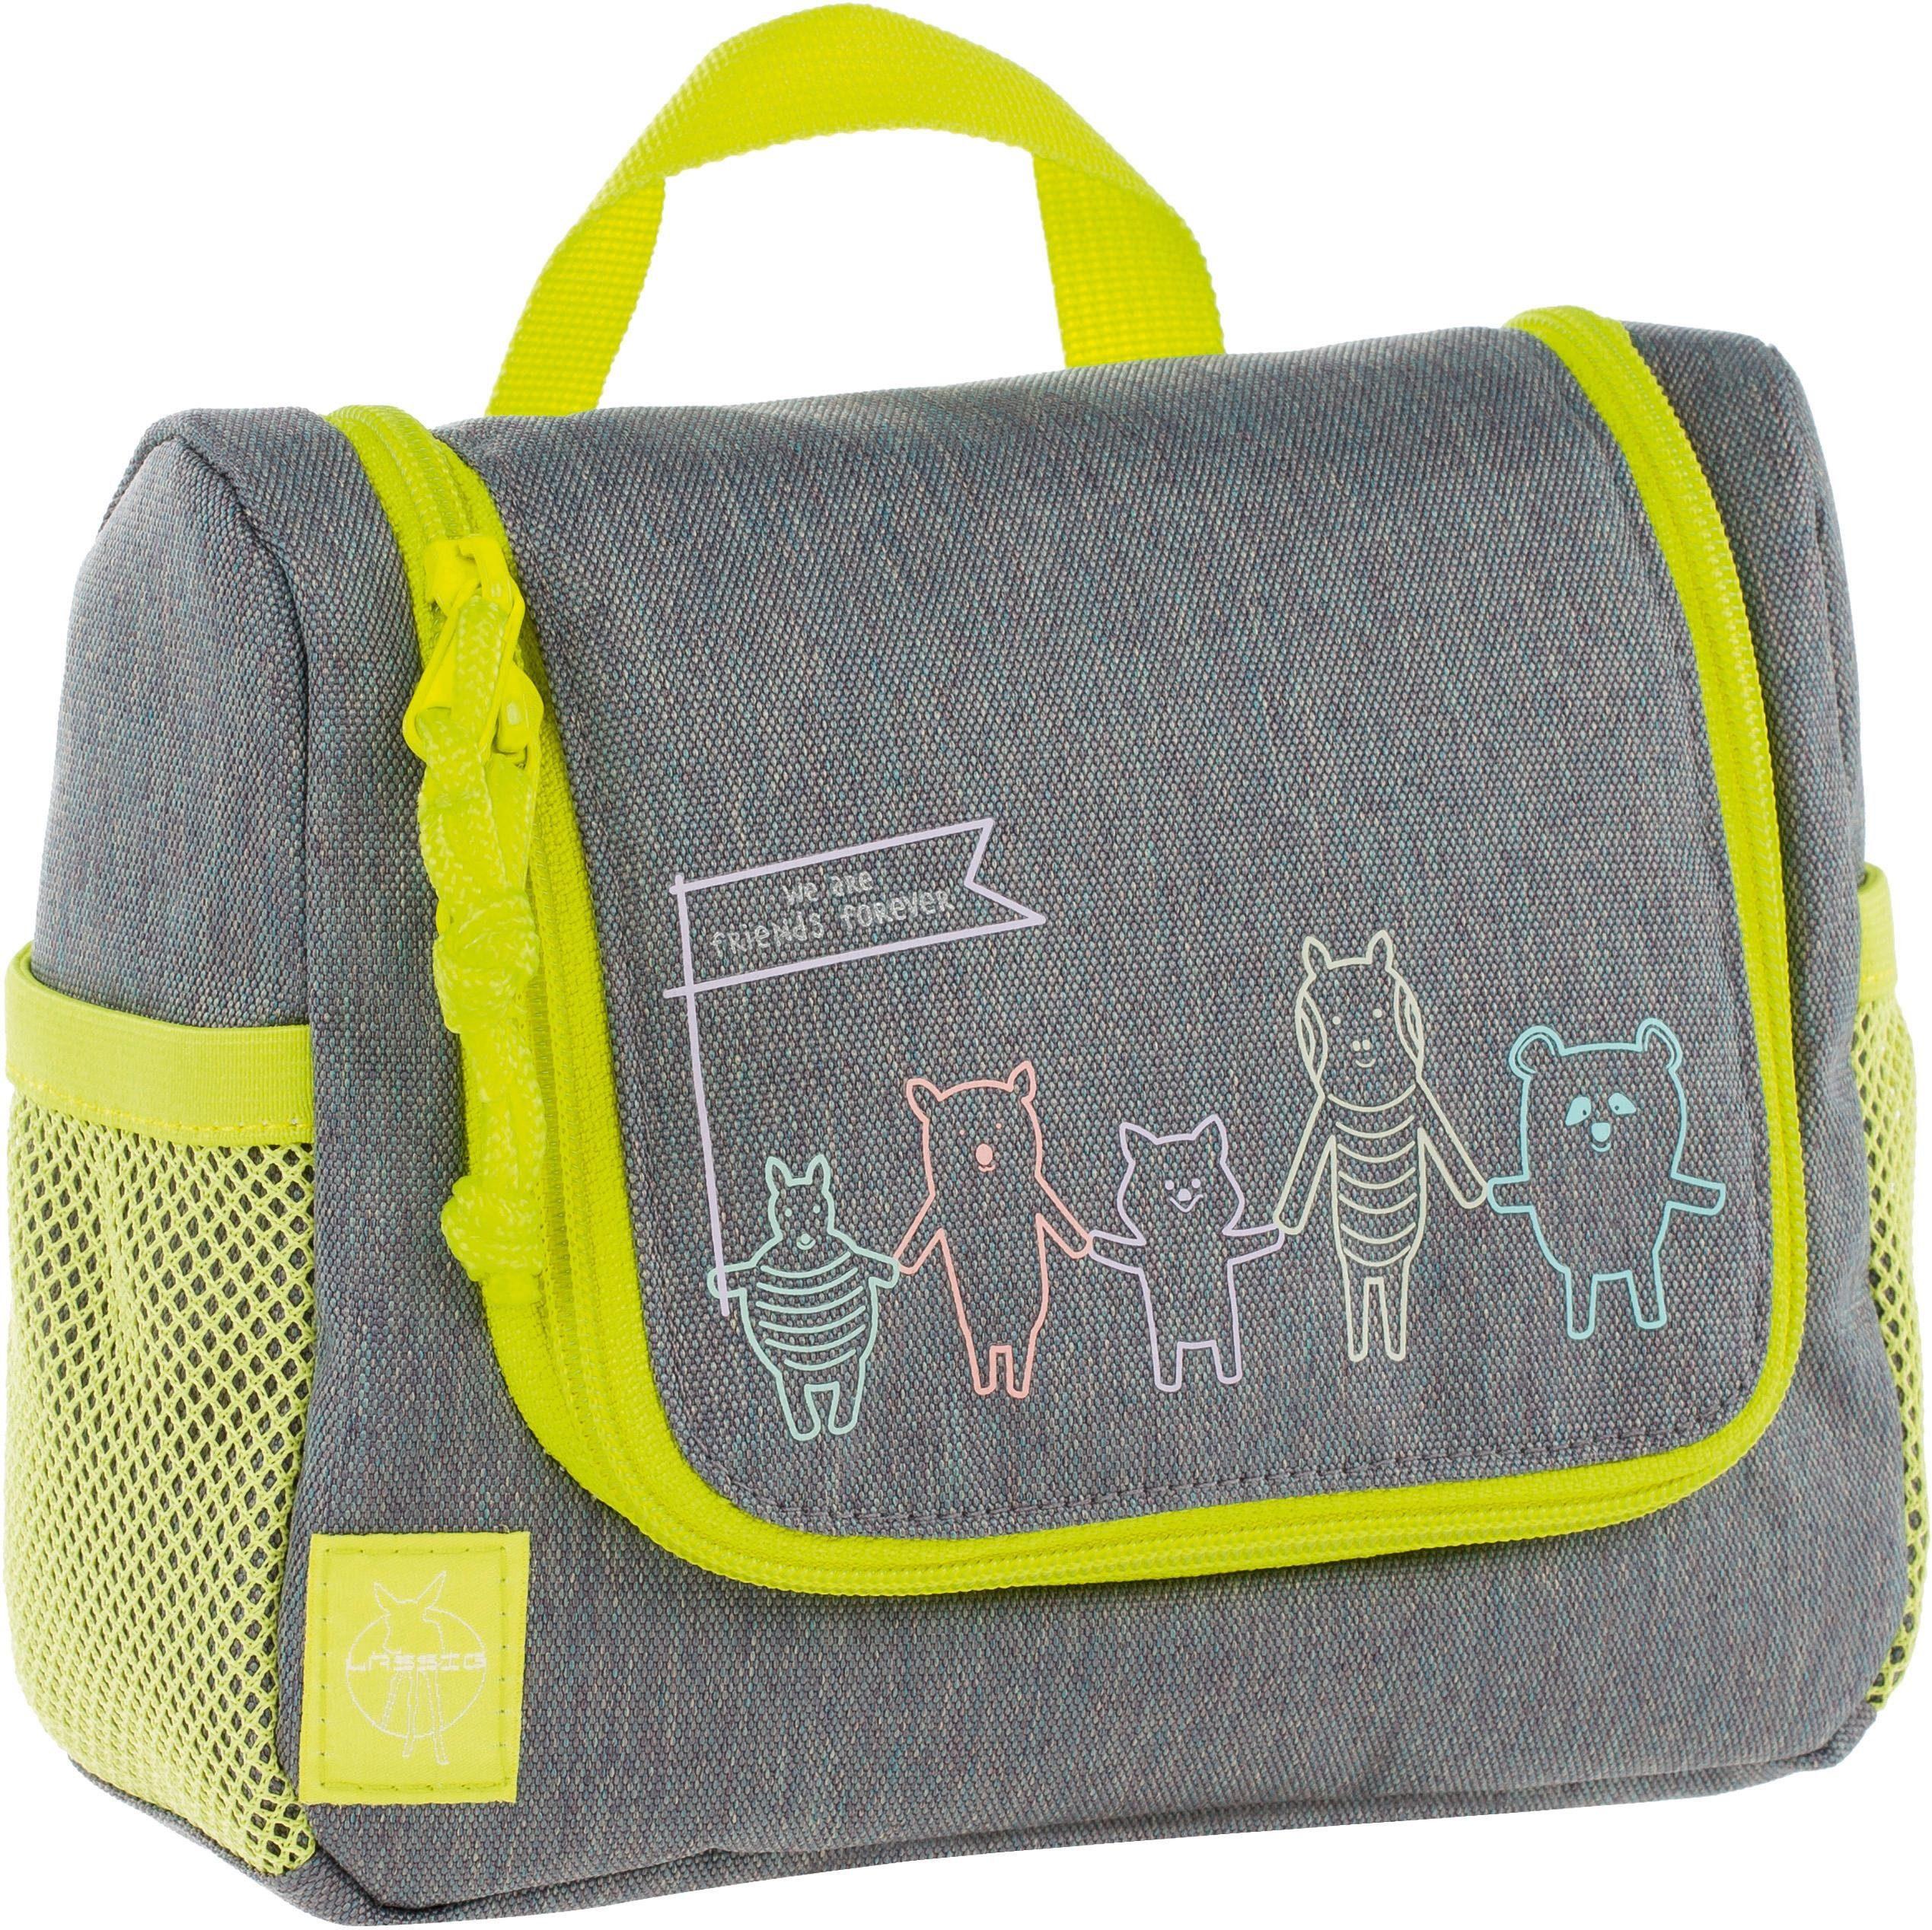 Lässig Kulturbeutel zum Aufhängen, »4Kids Mini Washbag, About Friends Mélange Grey«